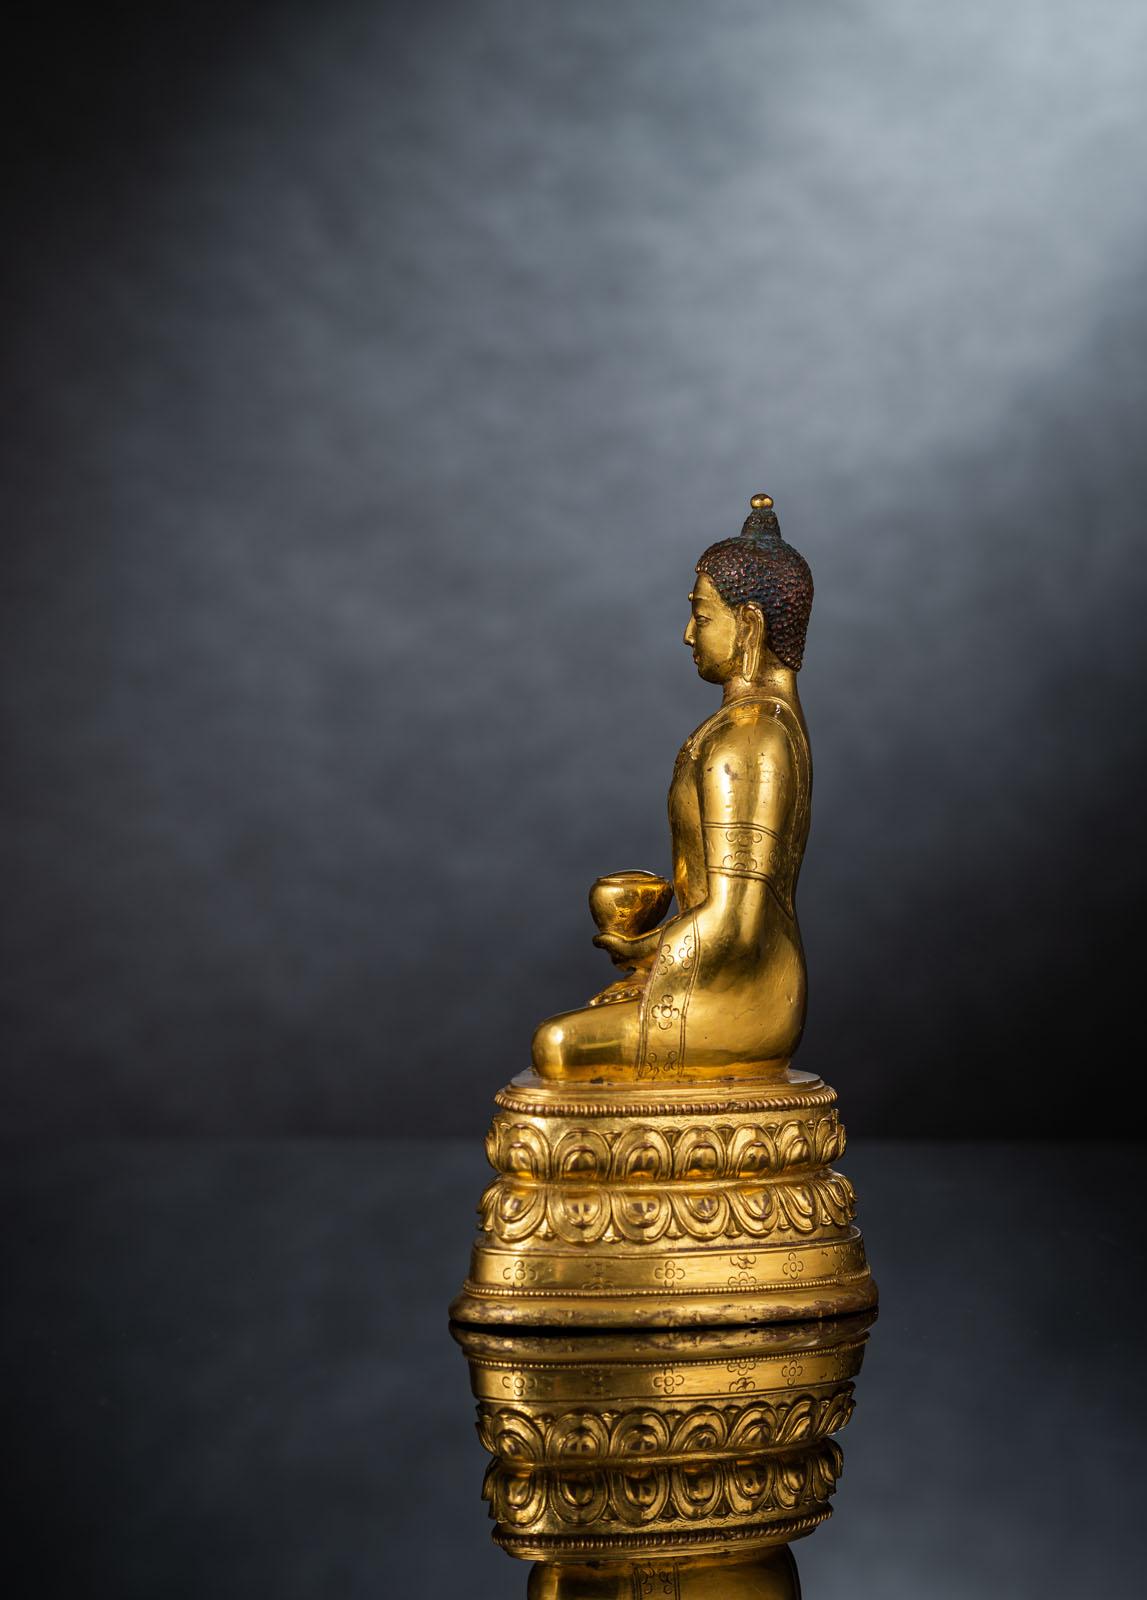 A FINE GILT-BRONZE FIGURE OF BUDDHA SHAKYAMUNI IN ZANABAZAR STYLE - Image 4 of 10